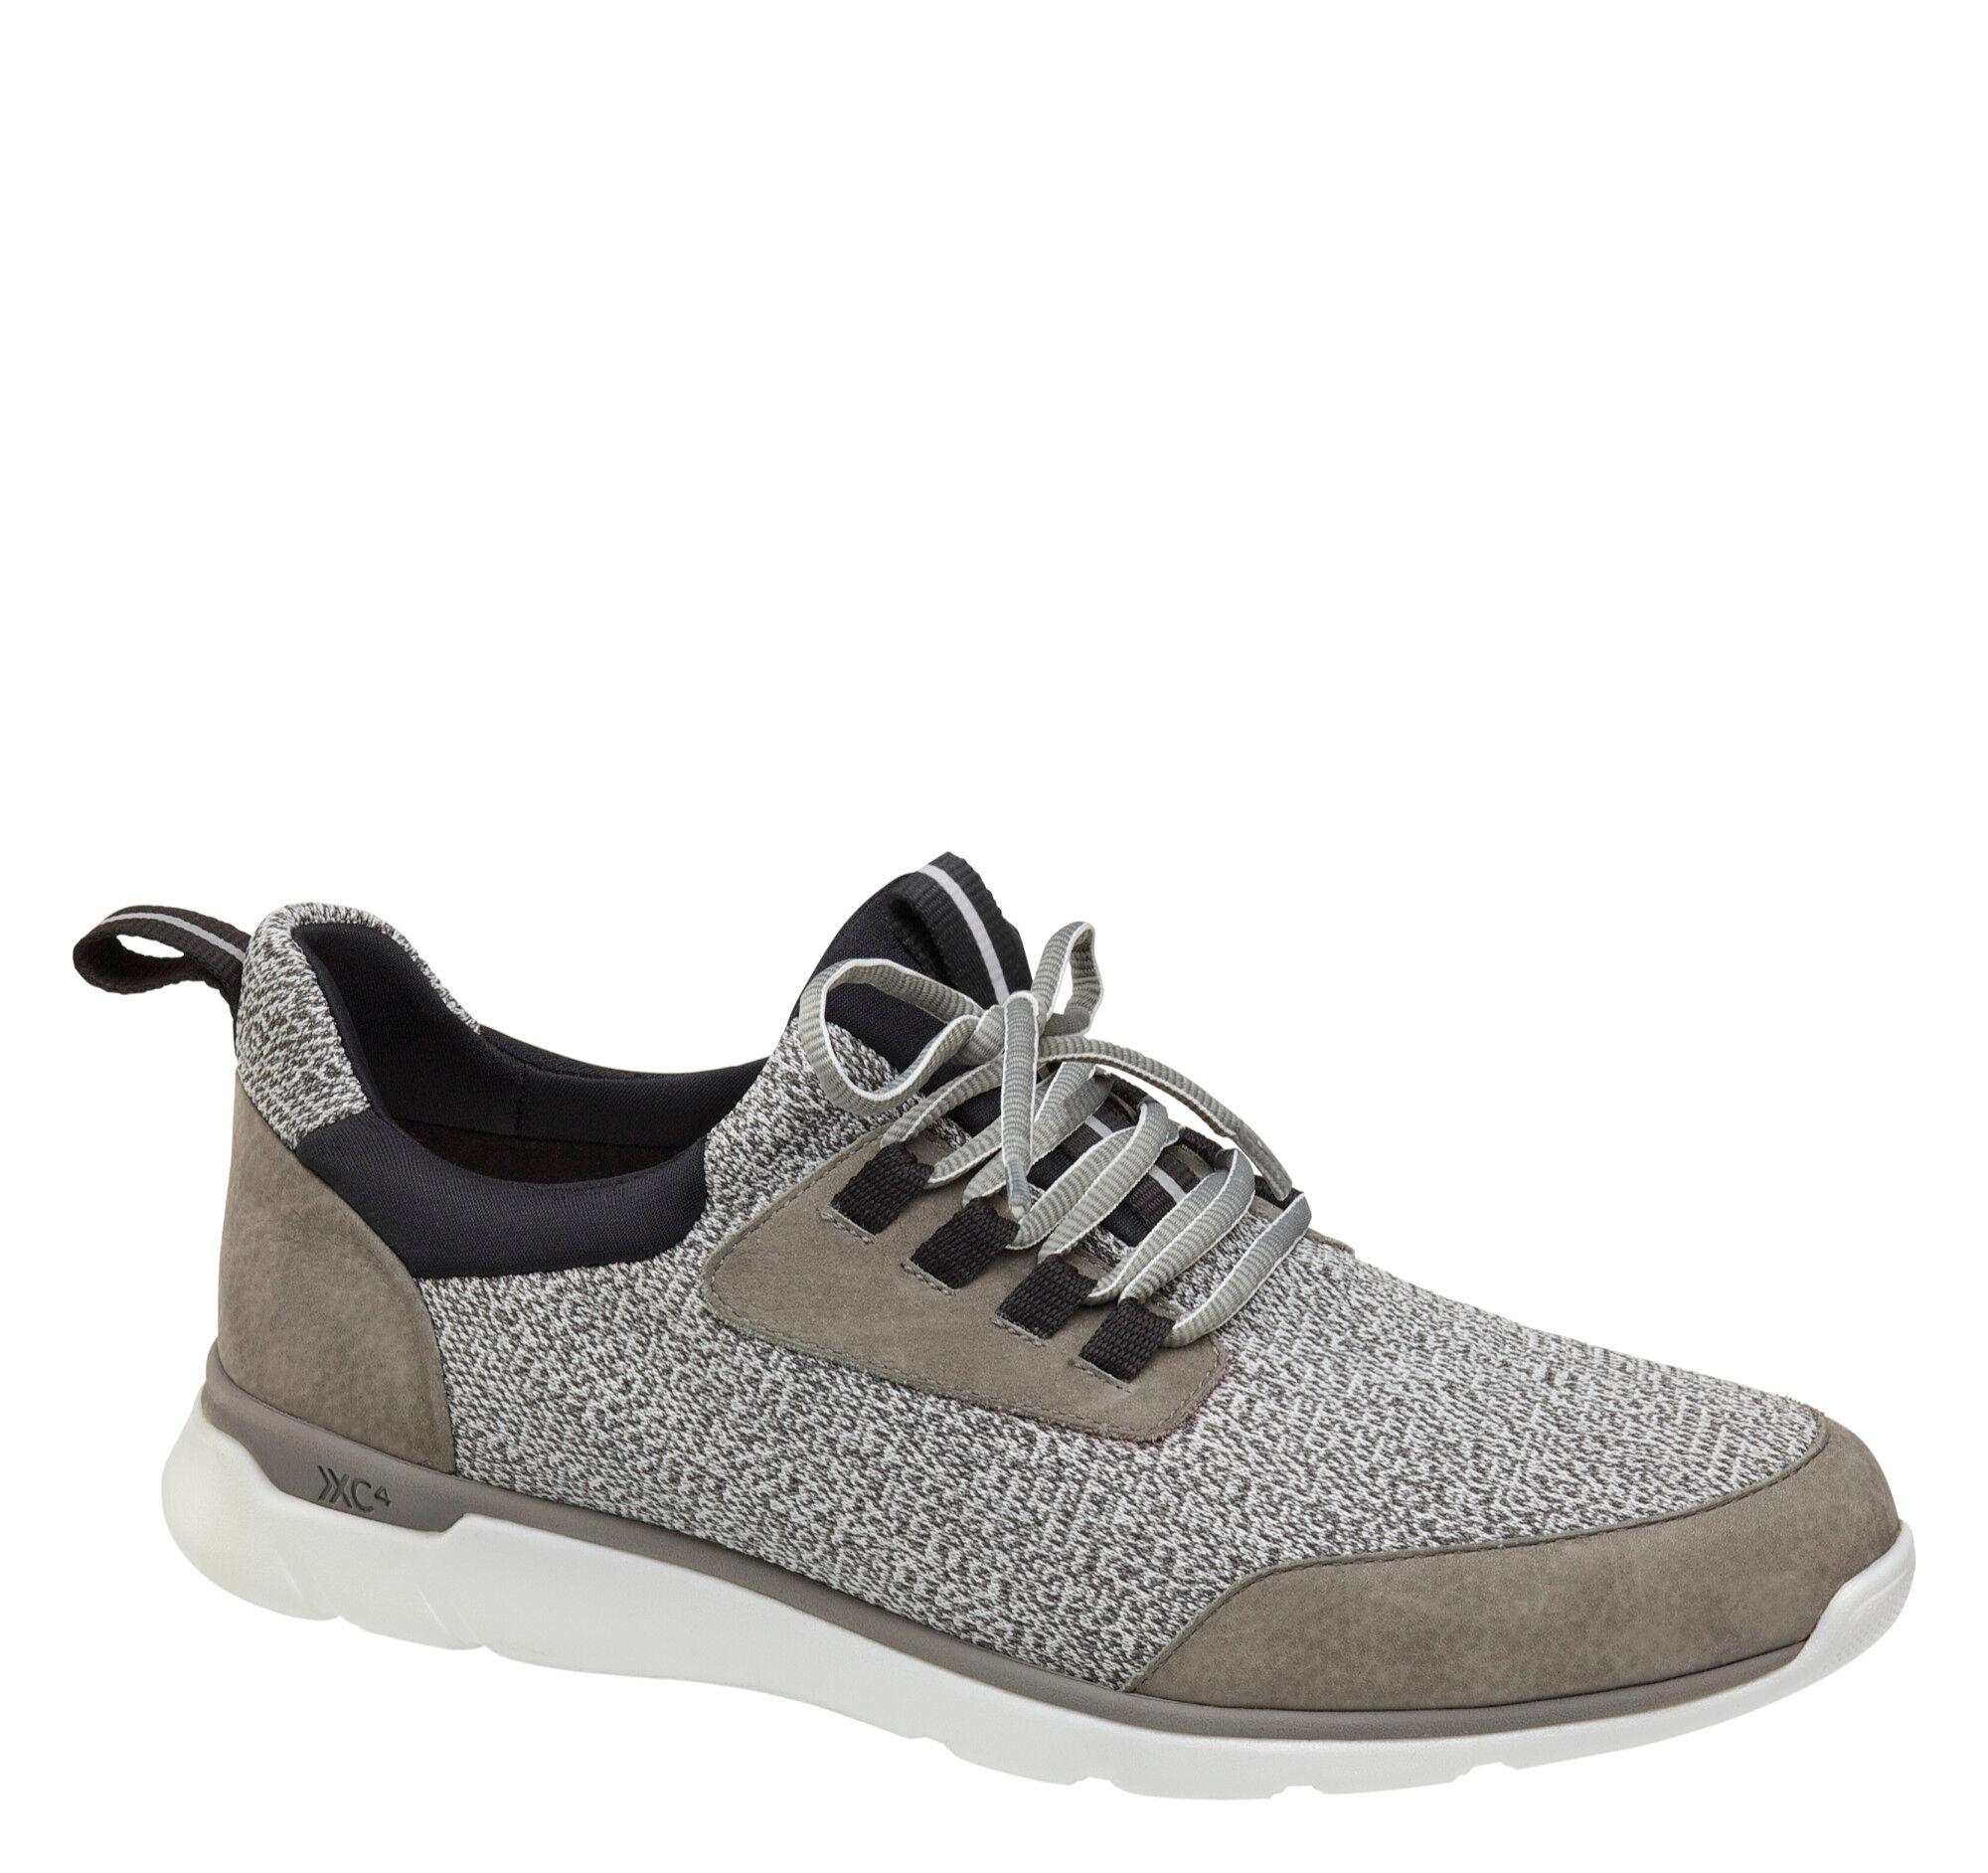 Johnston & Murphy Men's XC4 Prentiss Moc Toe Shoe - Gray Tumbled Nubuck/Knit - Size 11.5 - M